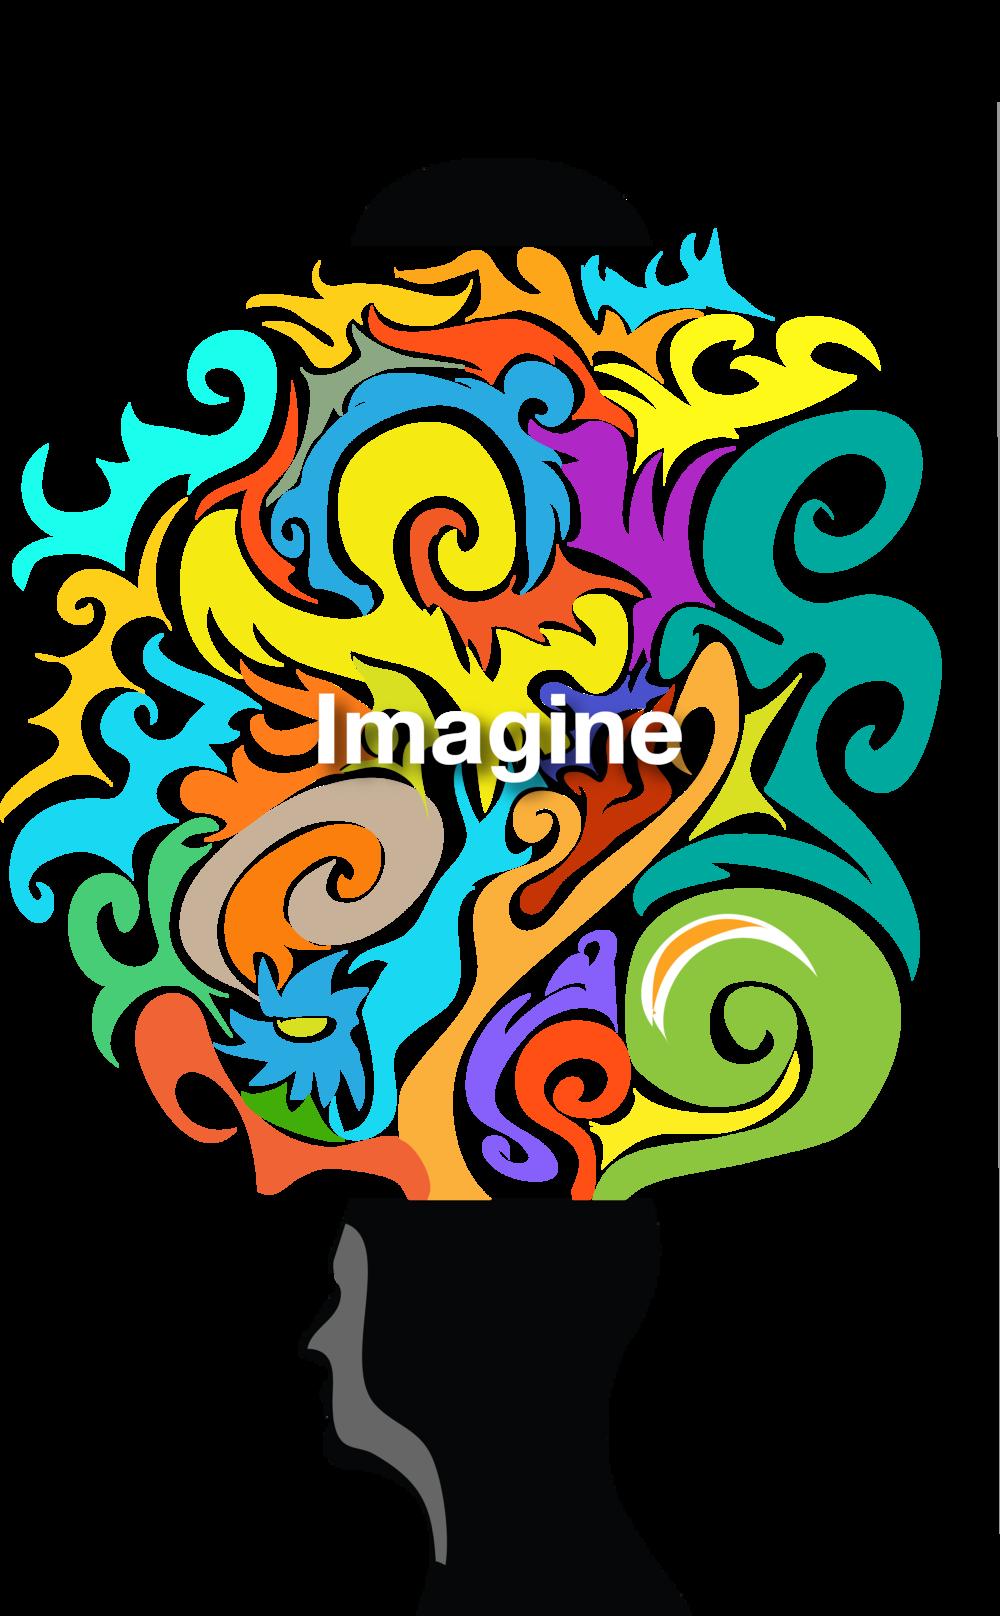 imaginationS.png